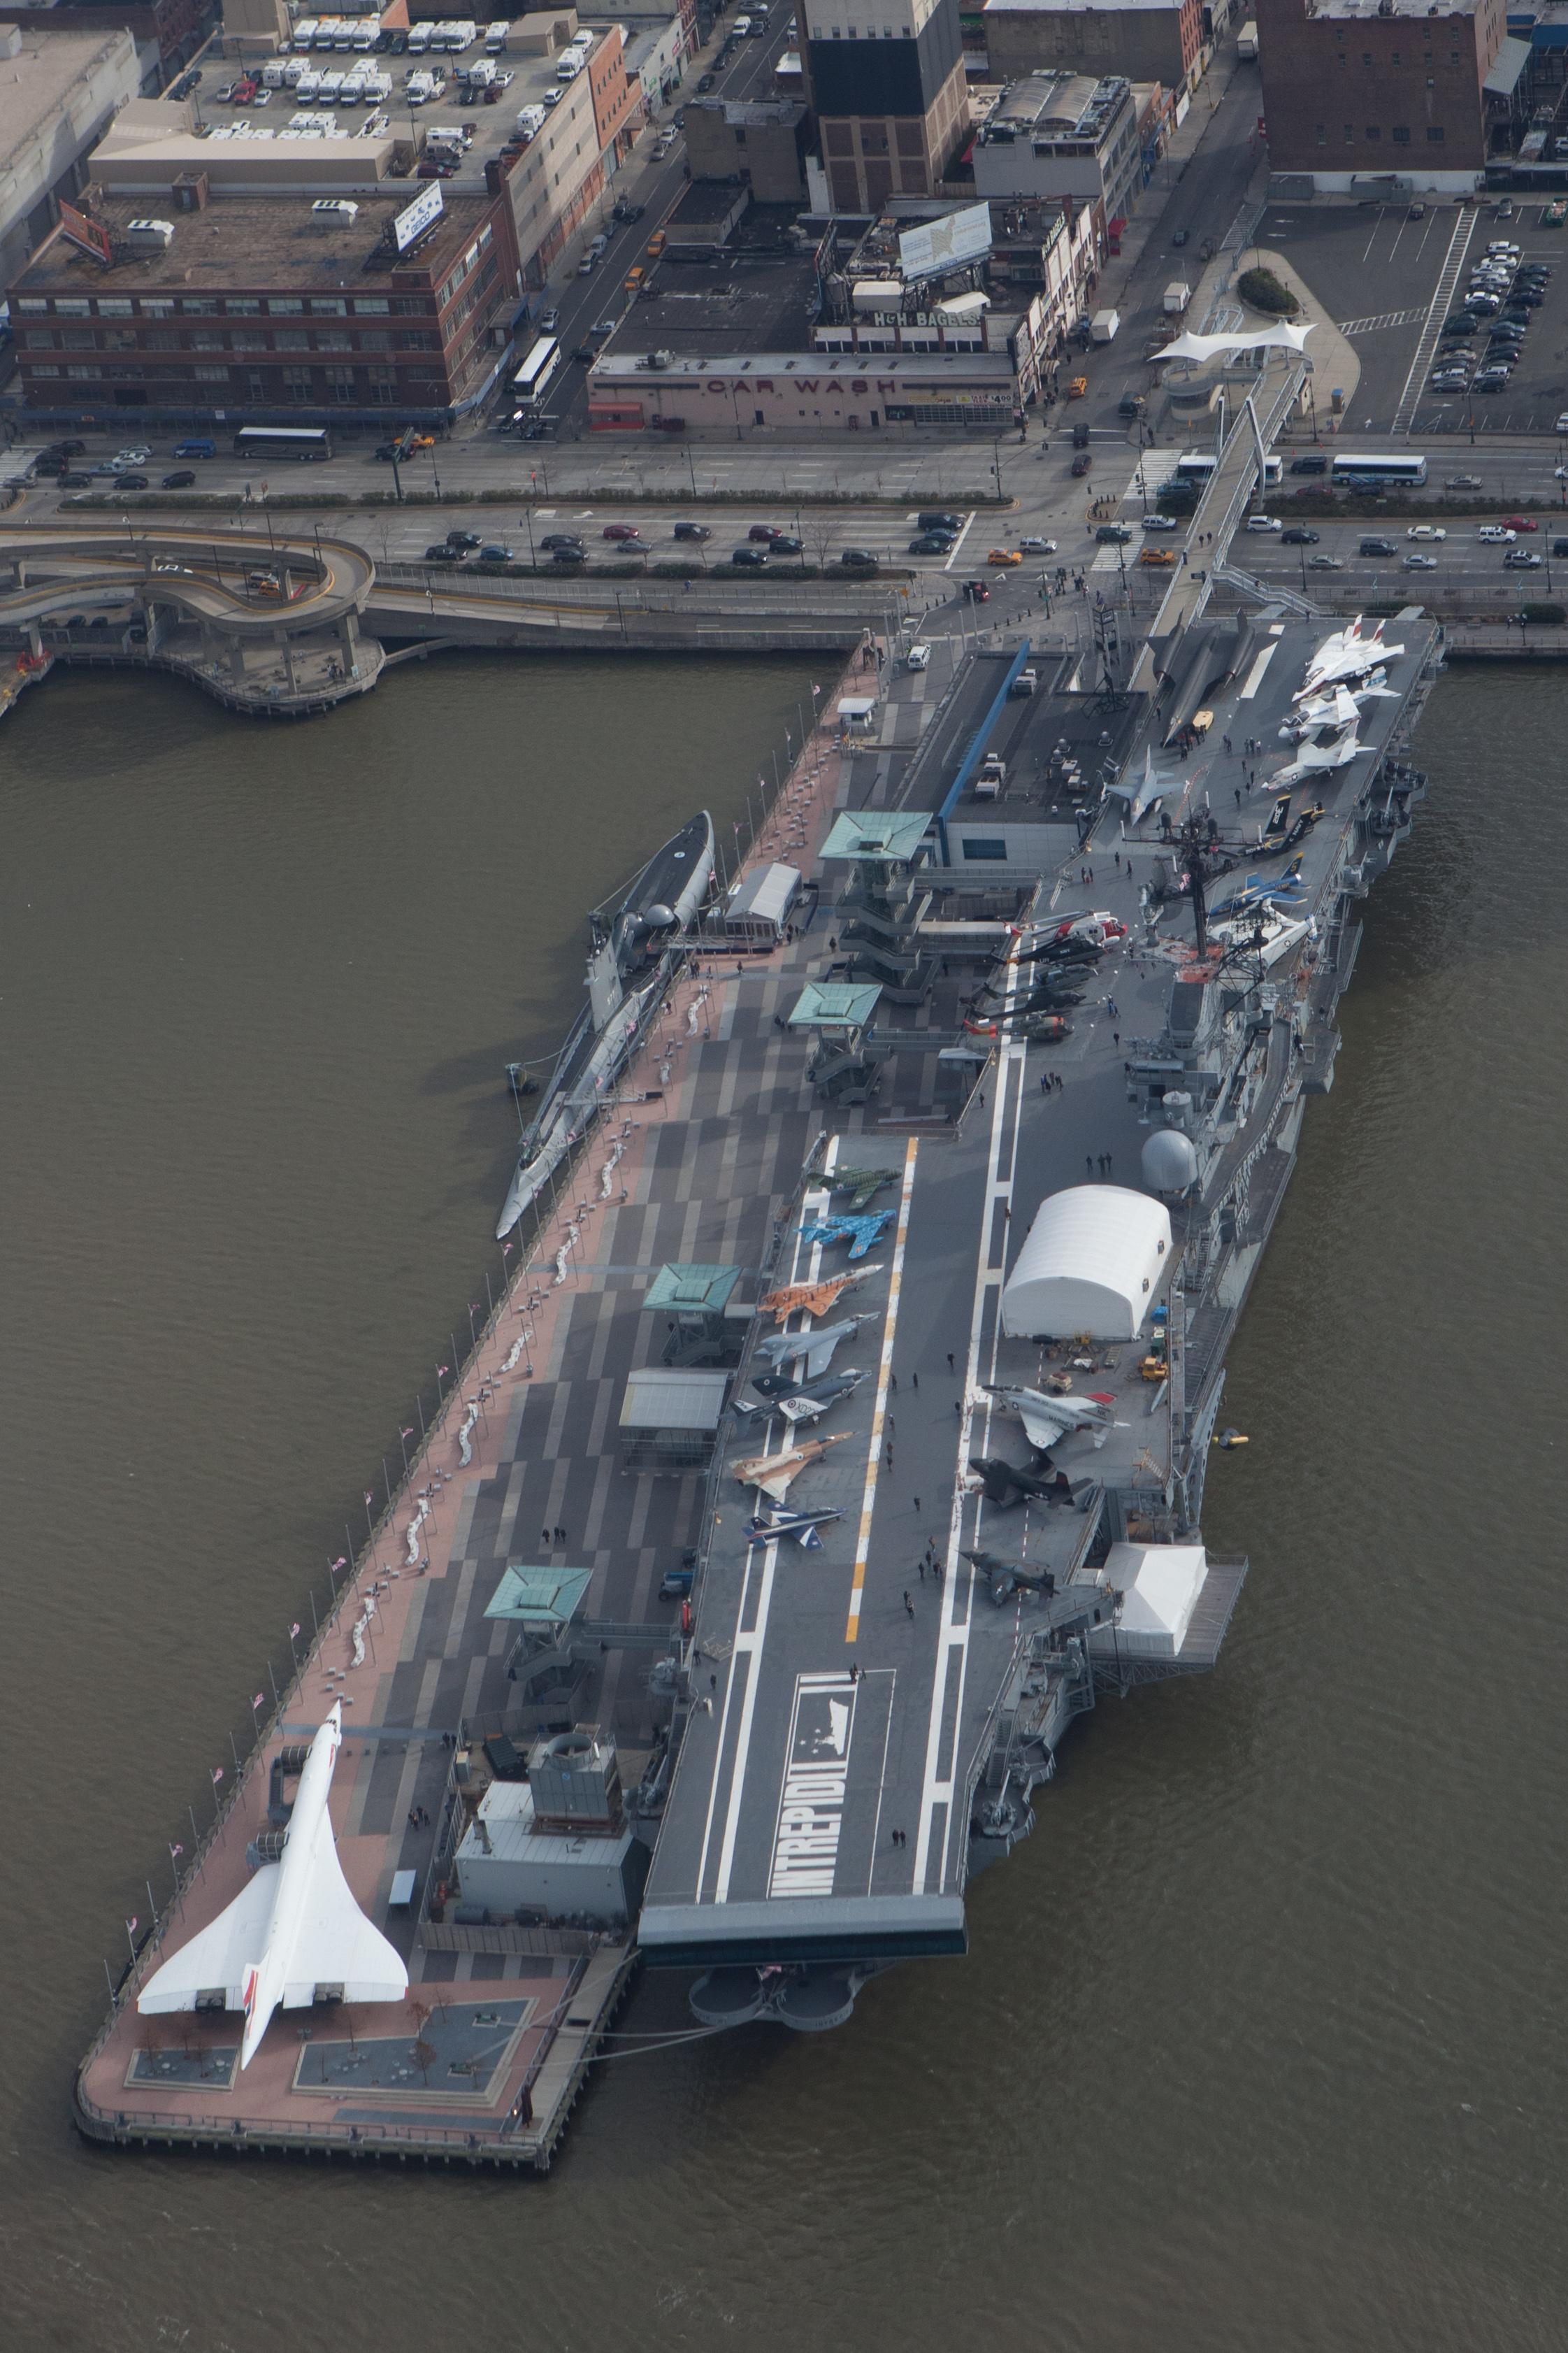 Intrepid_museum_aerial.jpg